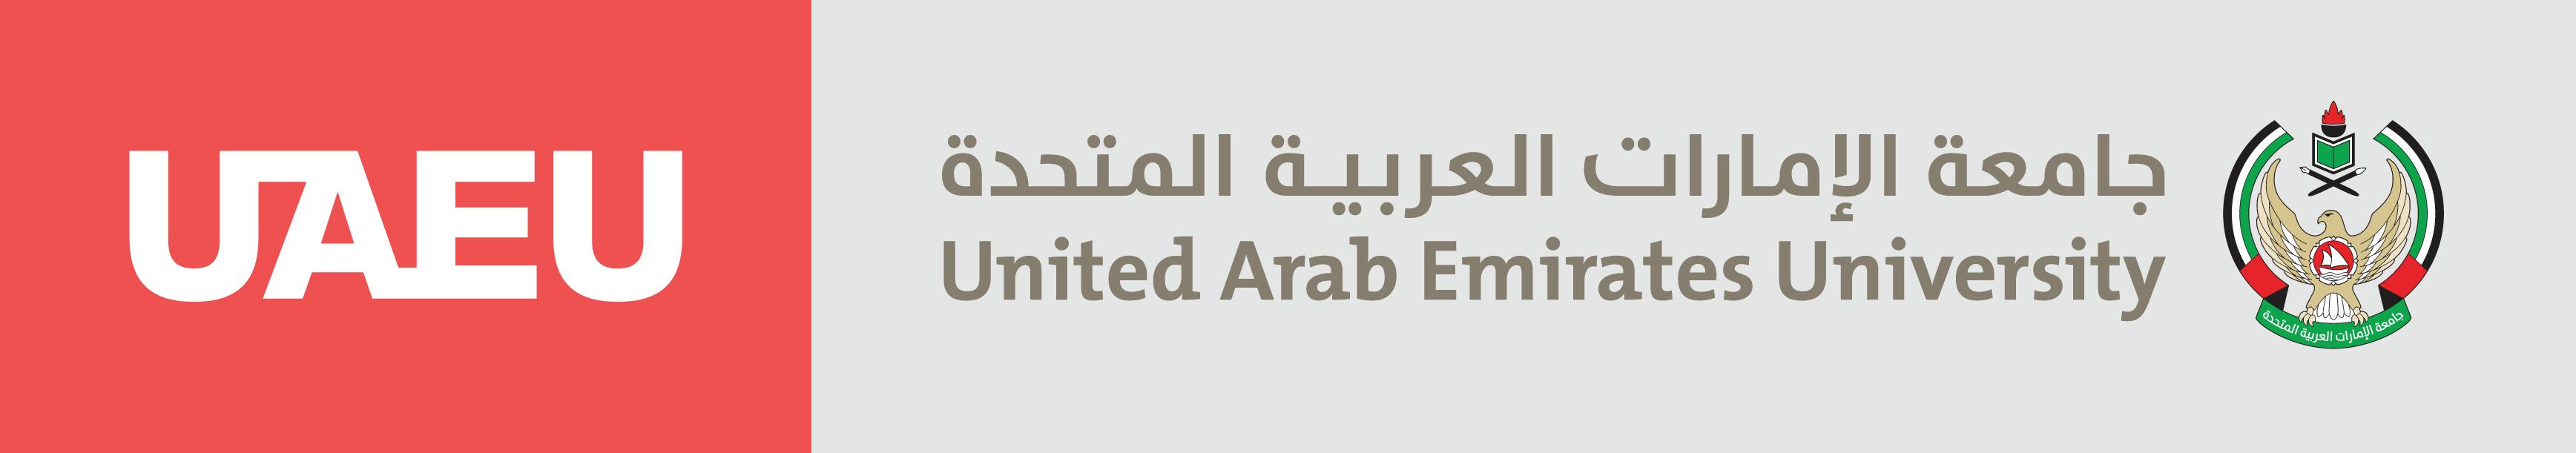 United Arab Emirates University - UAEU